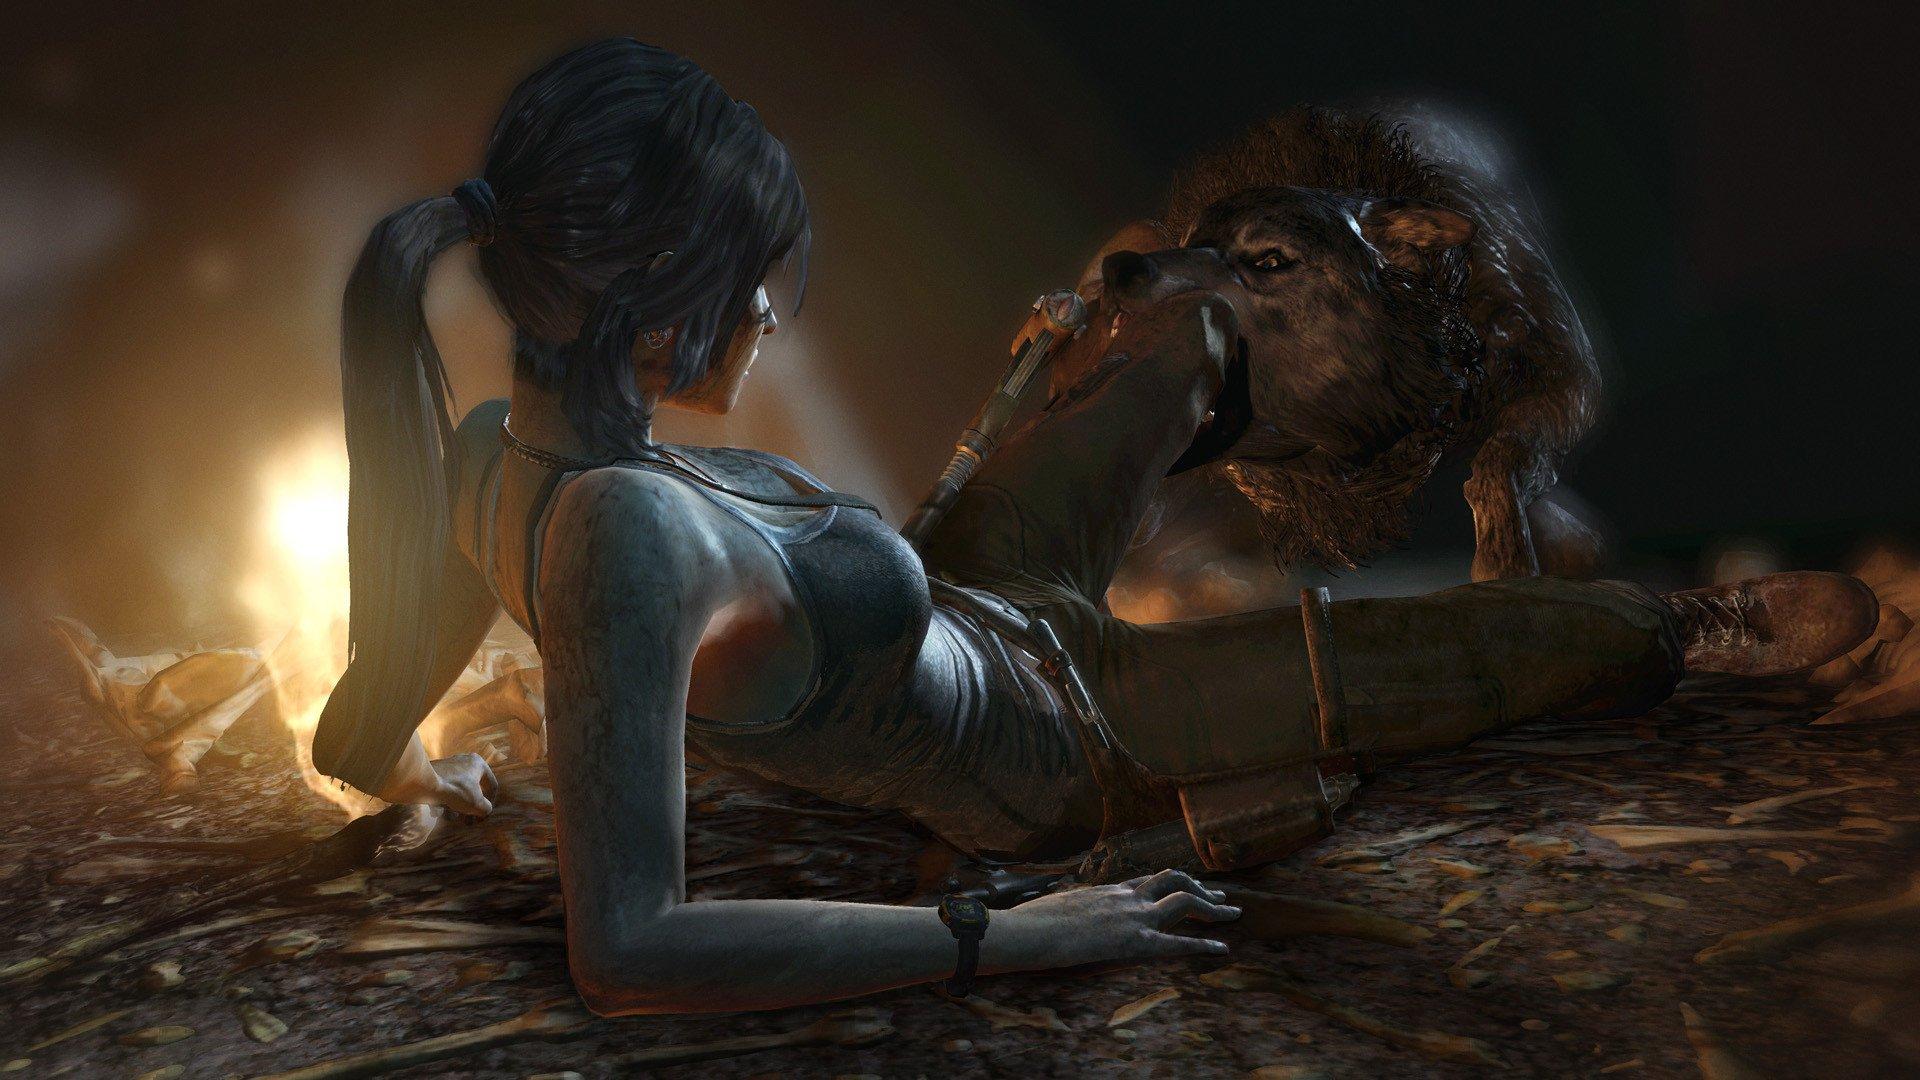 Боль и страдания - Рецензия на Tomb Raider (2013)Игру, если честно, ждал не особо, хотя, мне было интересно каким по ... - Изображение 3